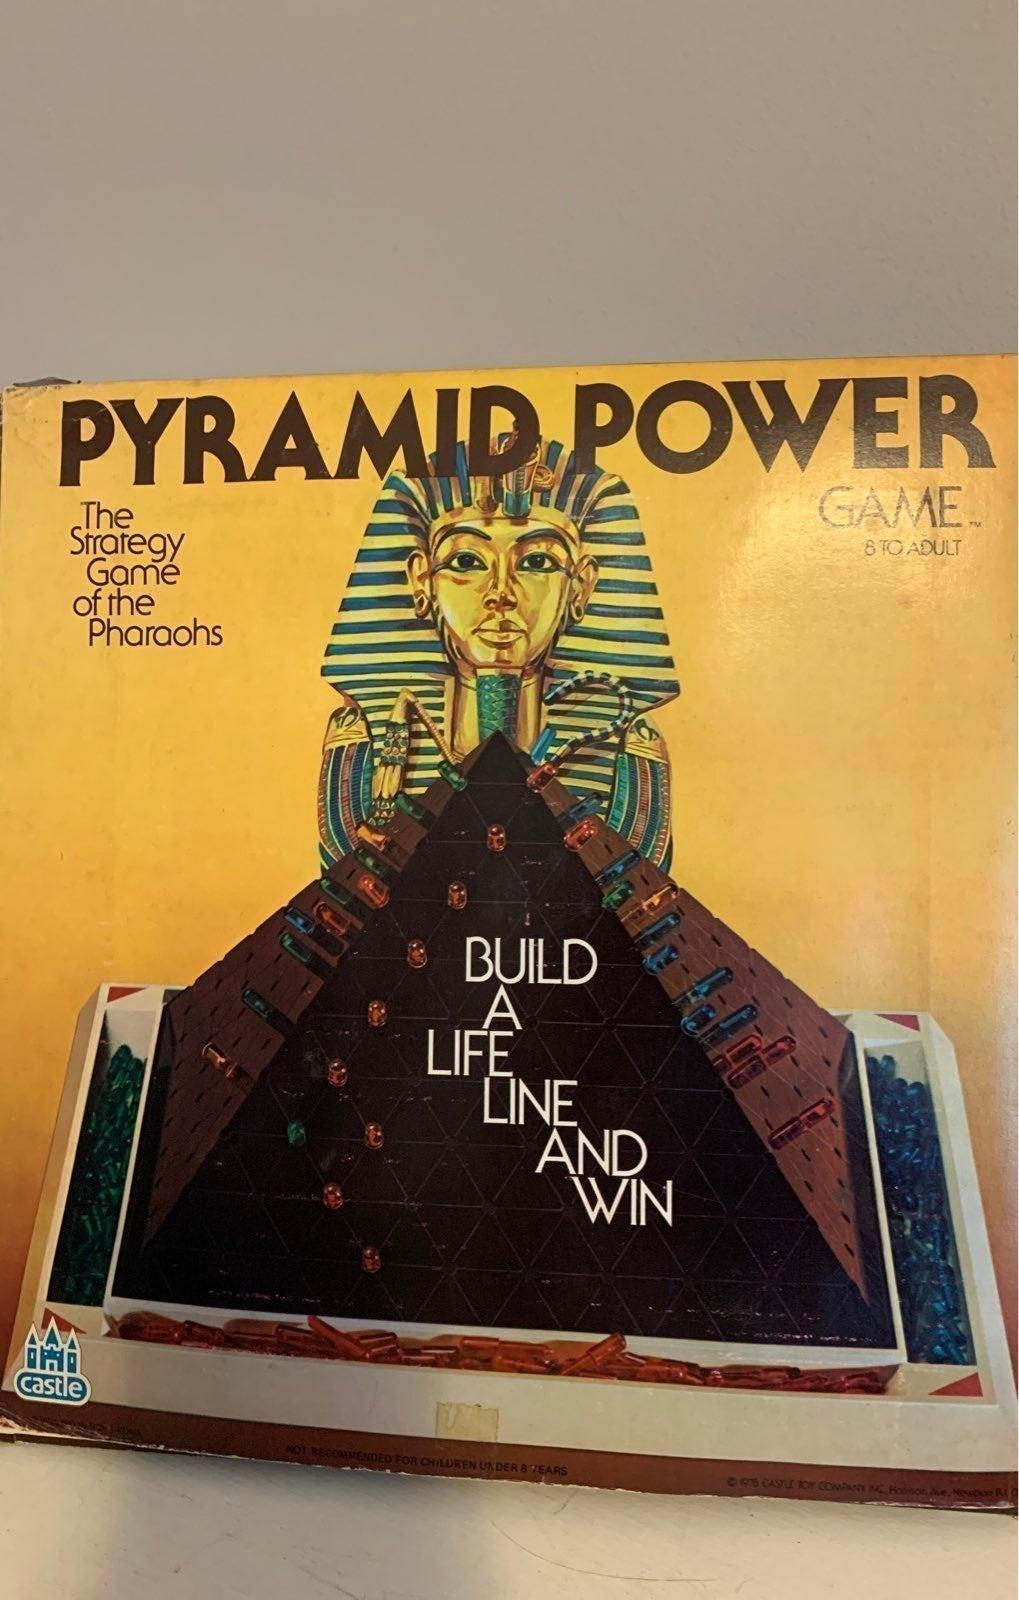 Rare 1978 Pyramid Power Game